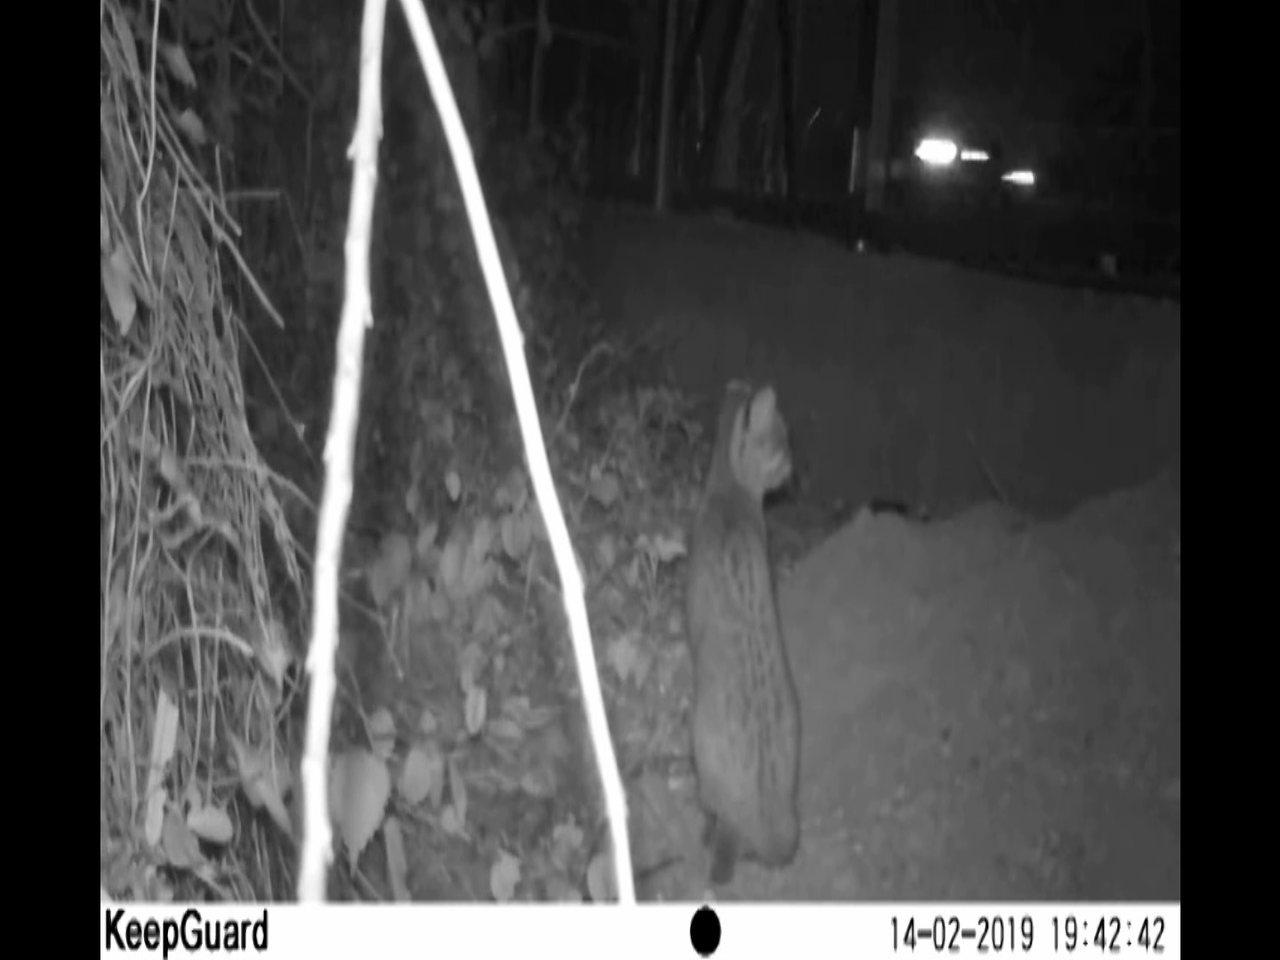 苗栗縣政府委託研究團隊2月14日紀錄到石虎在苗29線防護網內,受阻無法穿越馬路的...